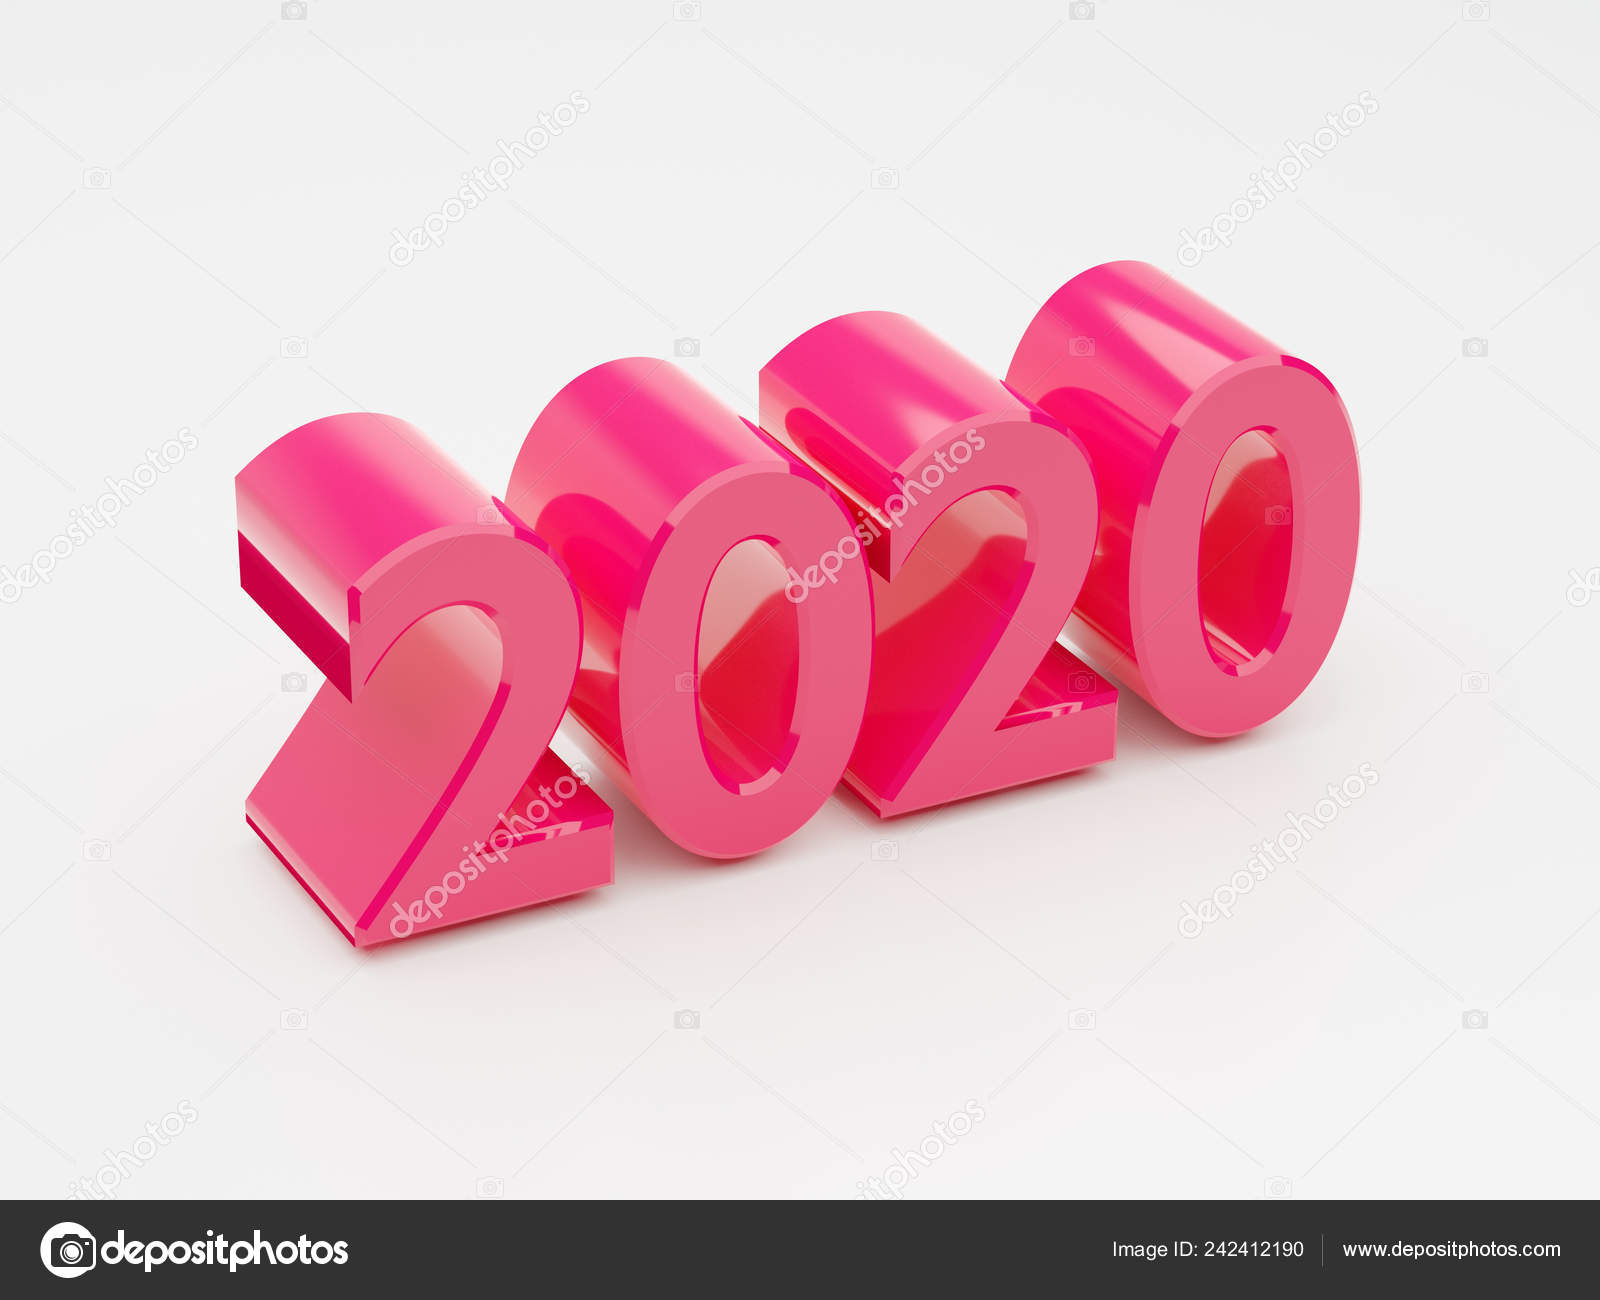 Calendario Word 2020.Ano 2020 Calendario Word Texto Brillante Fondo Color Rosa